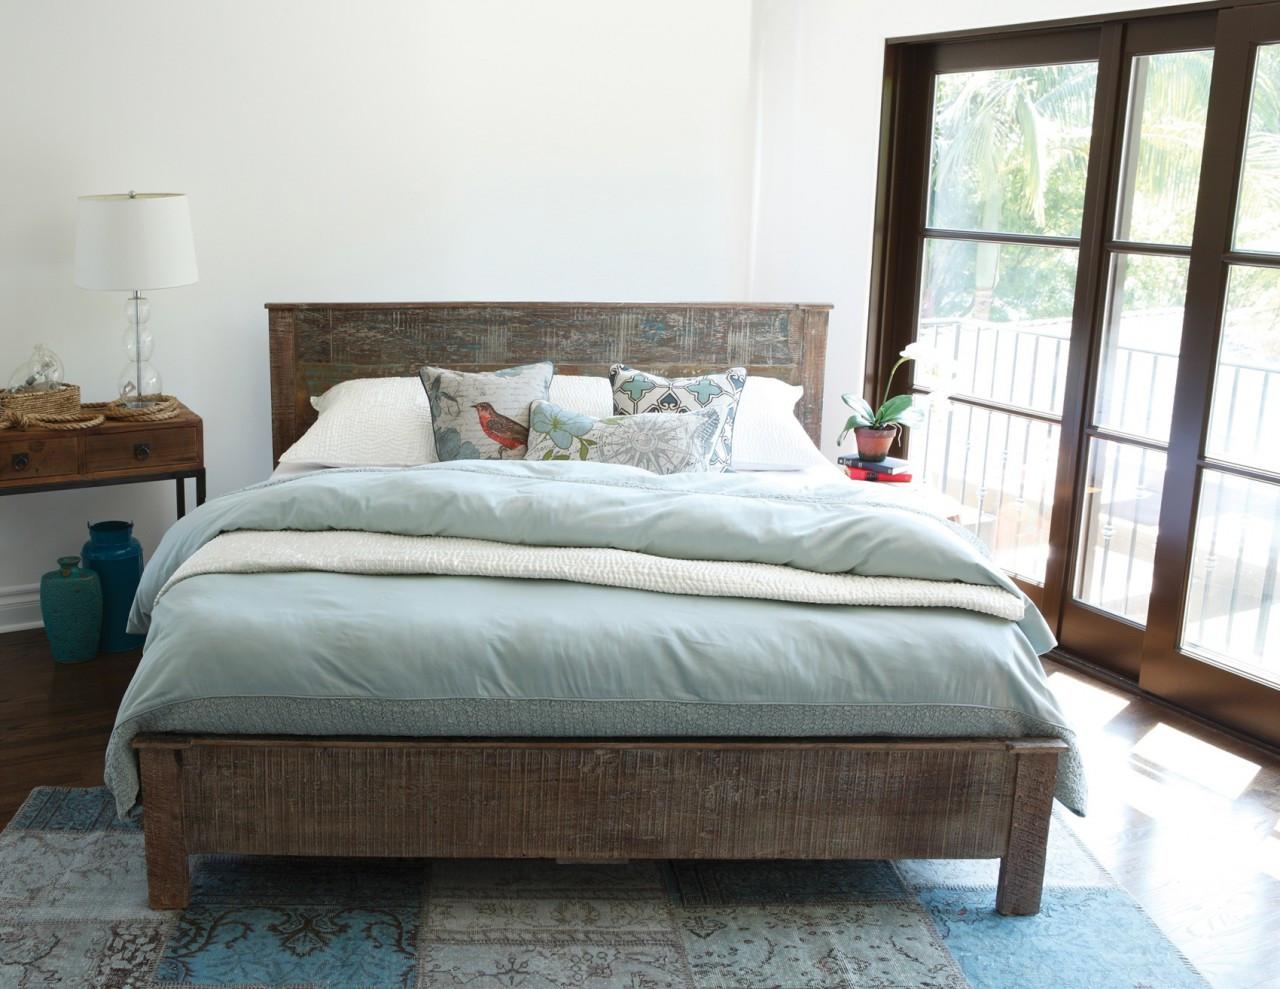 Hampton Rustic Teak Wood California King Bed Frame Zin Home